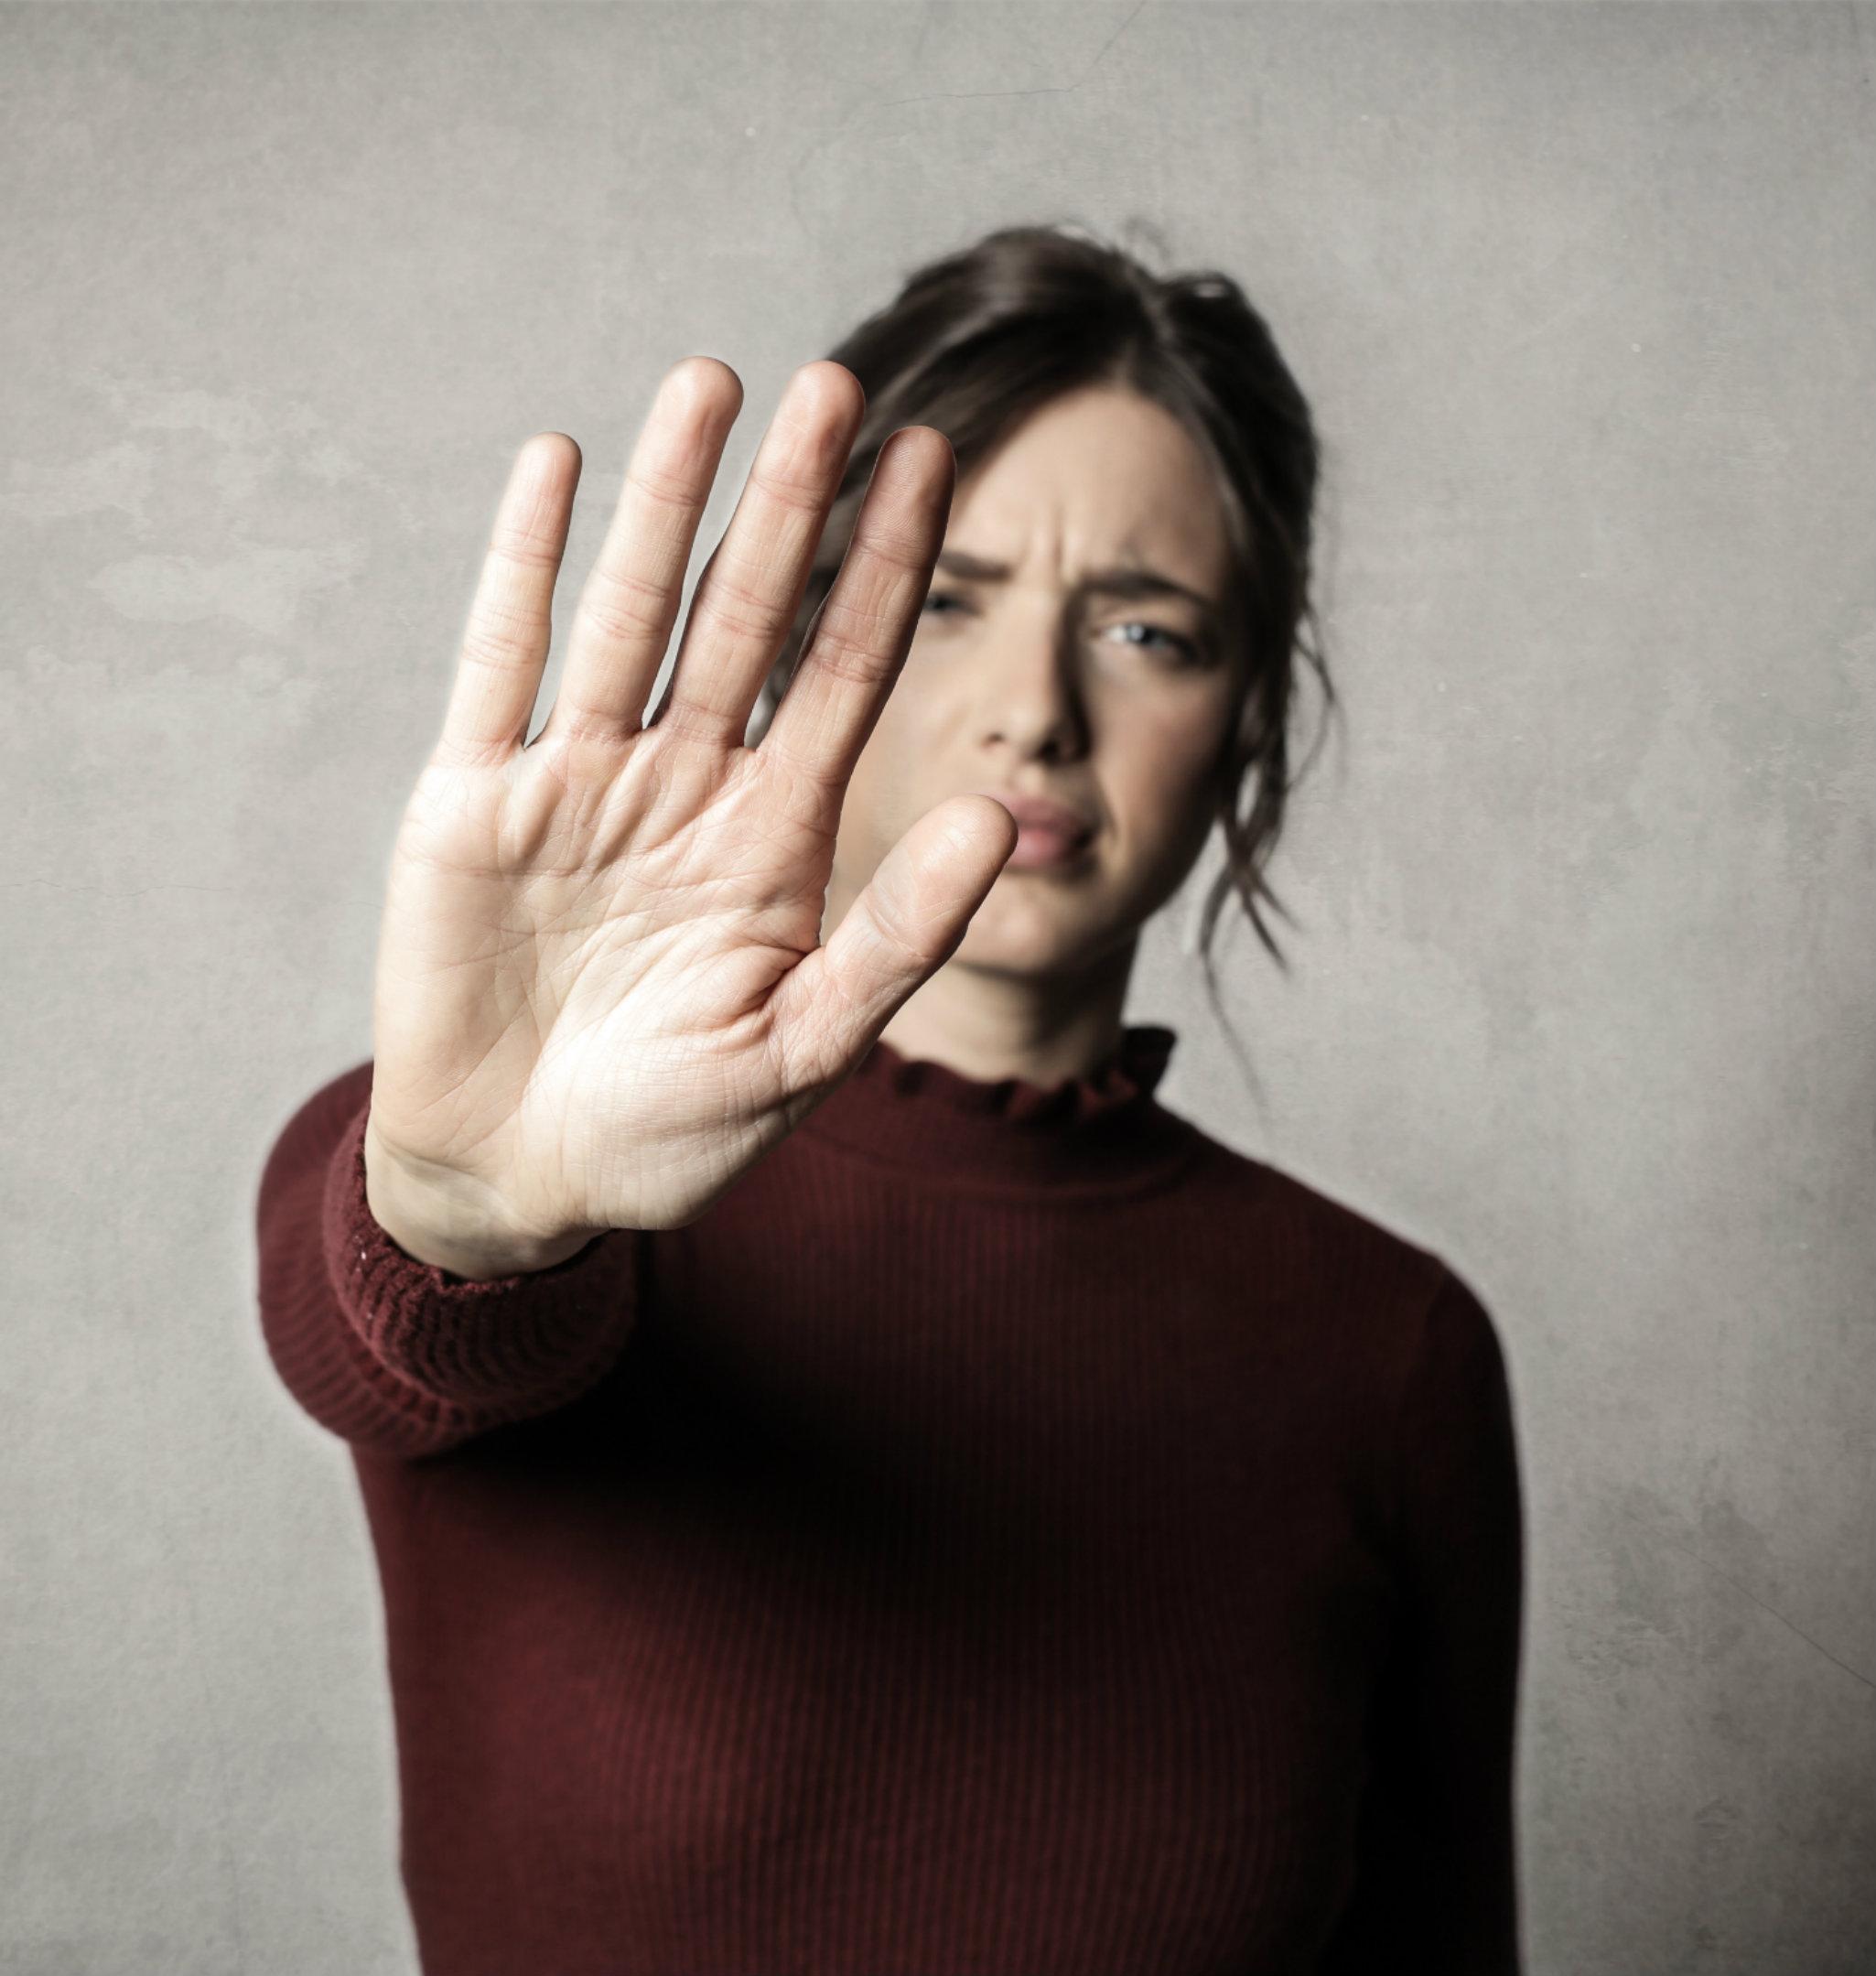 indagini per stalking e atti persecutori